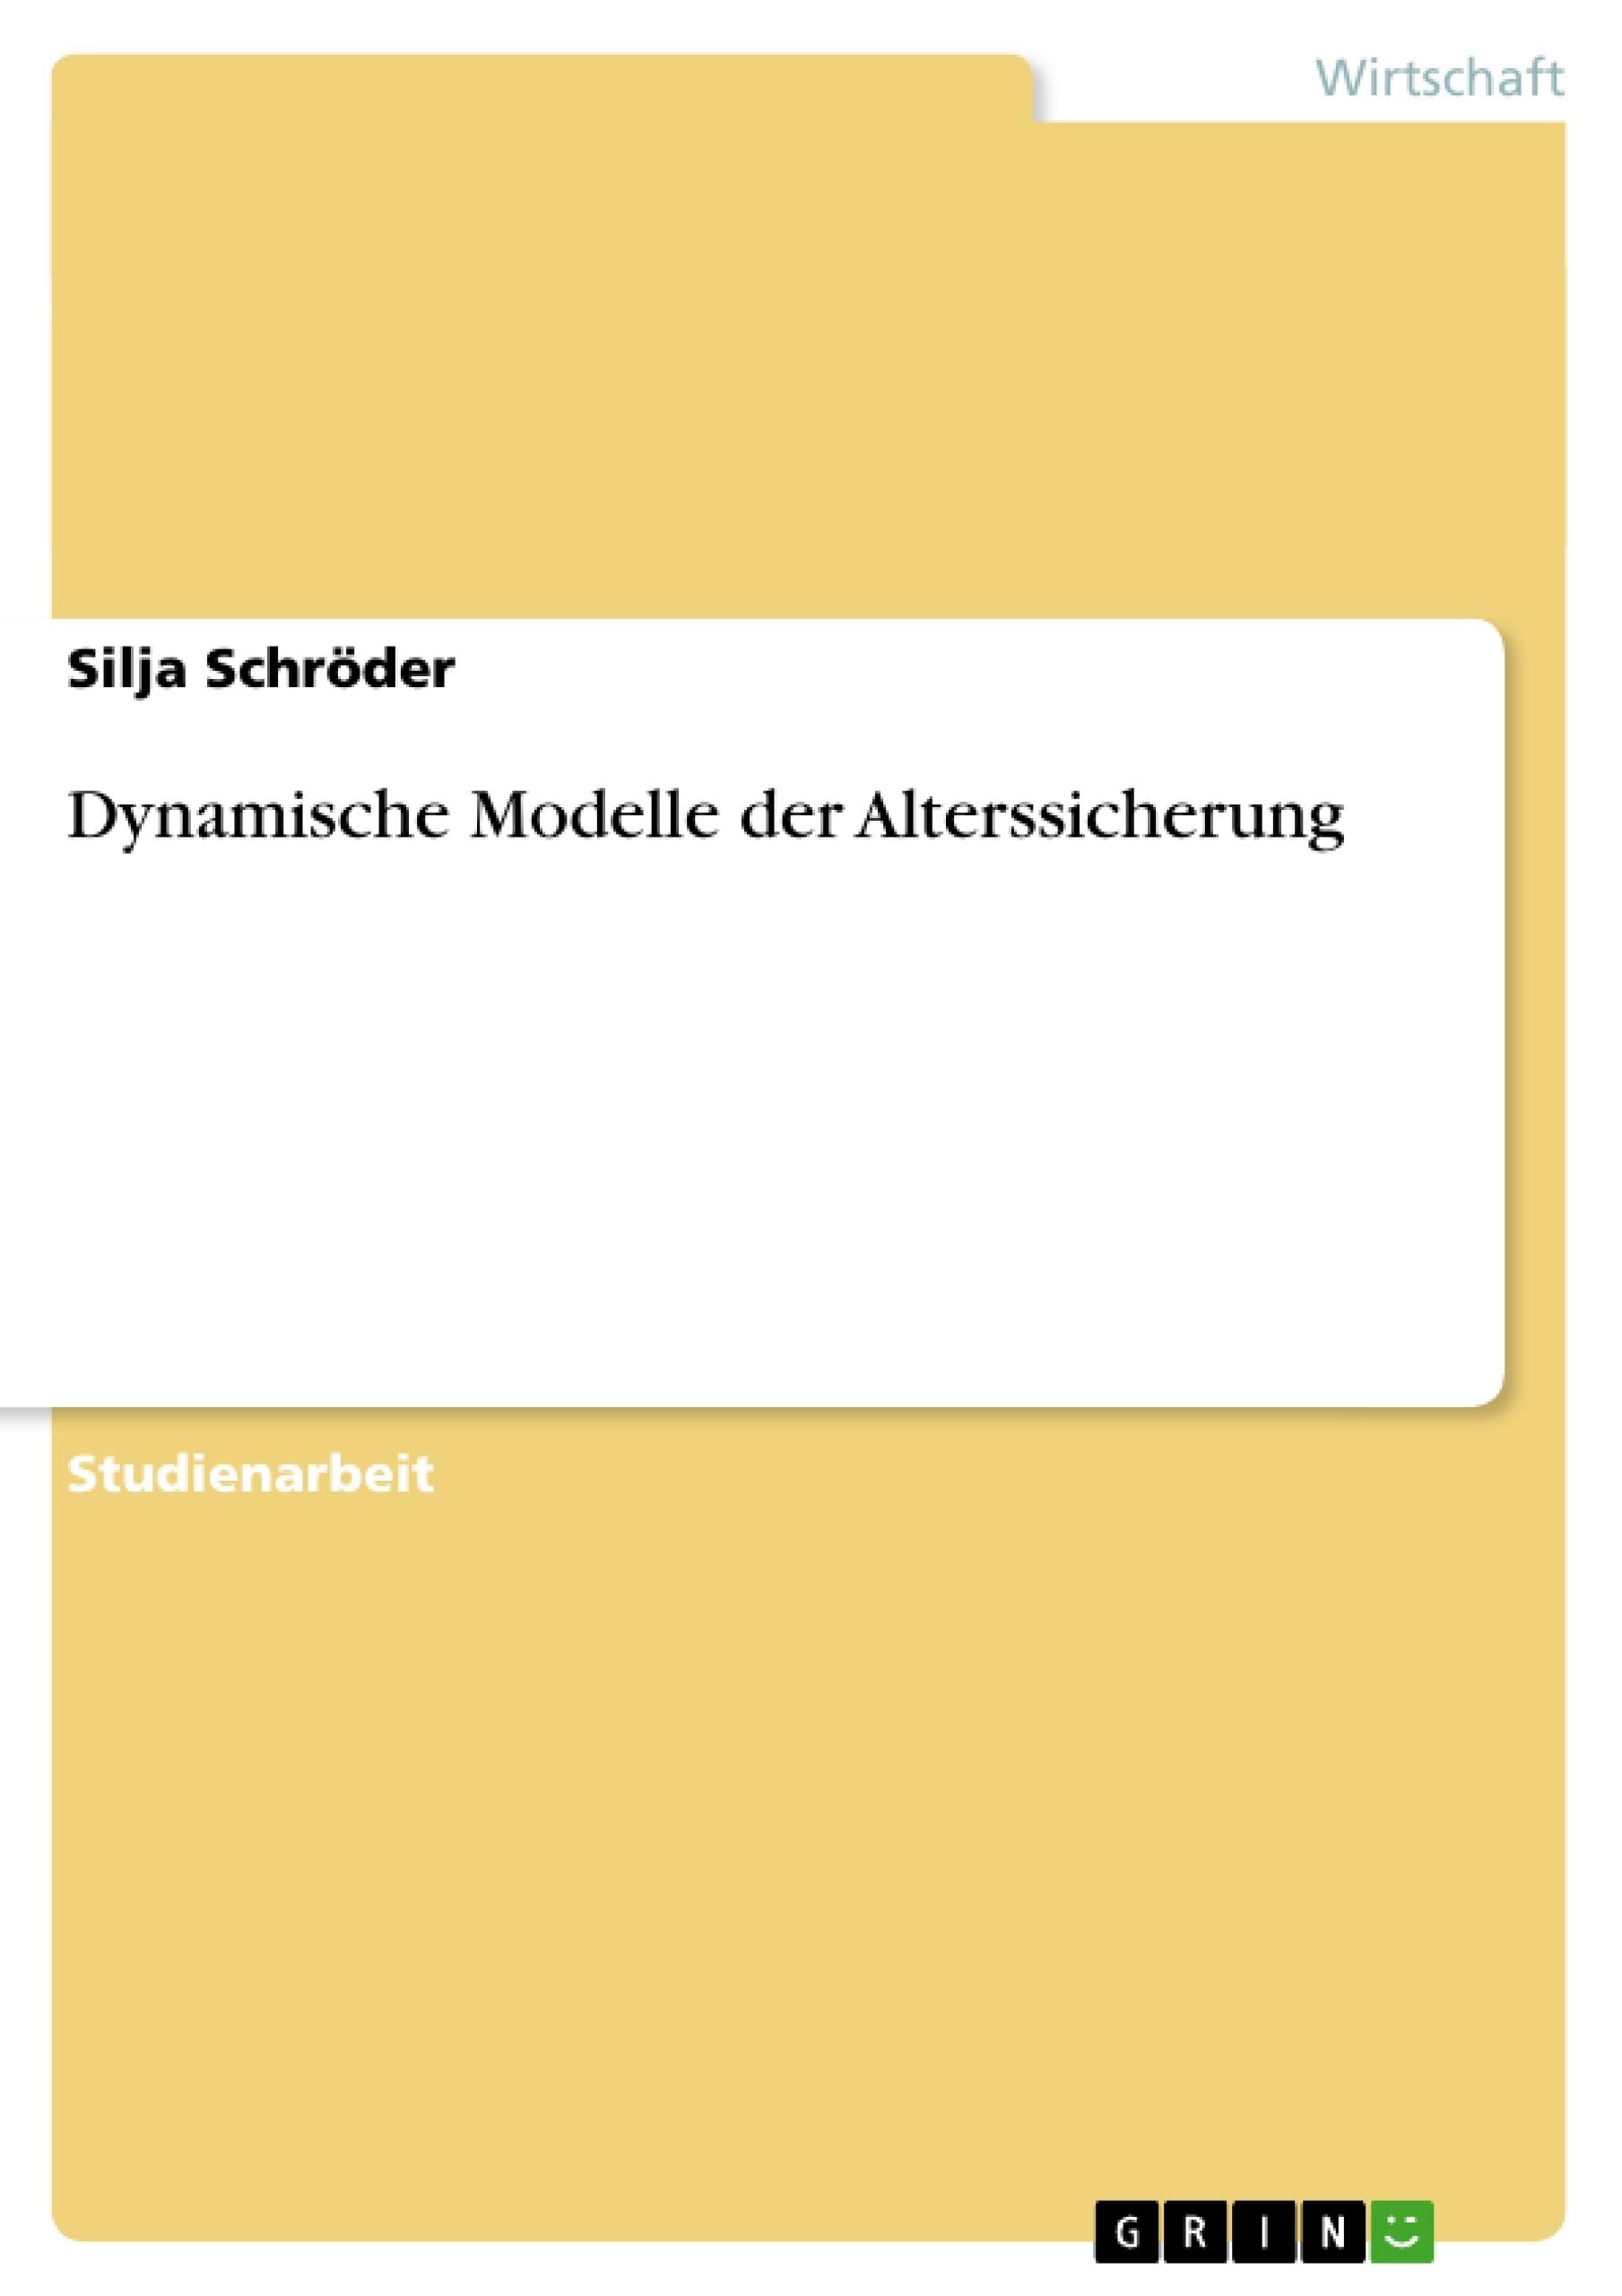 Titel: Dynamische Modelle der Alterssicherung